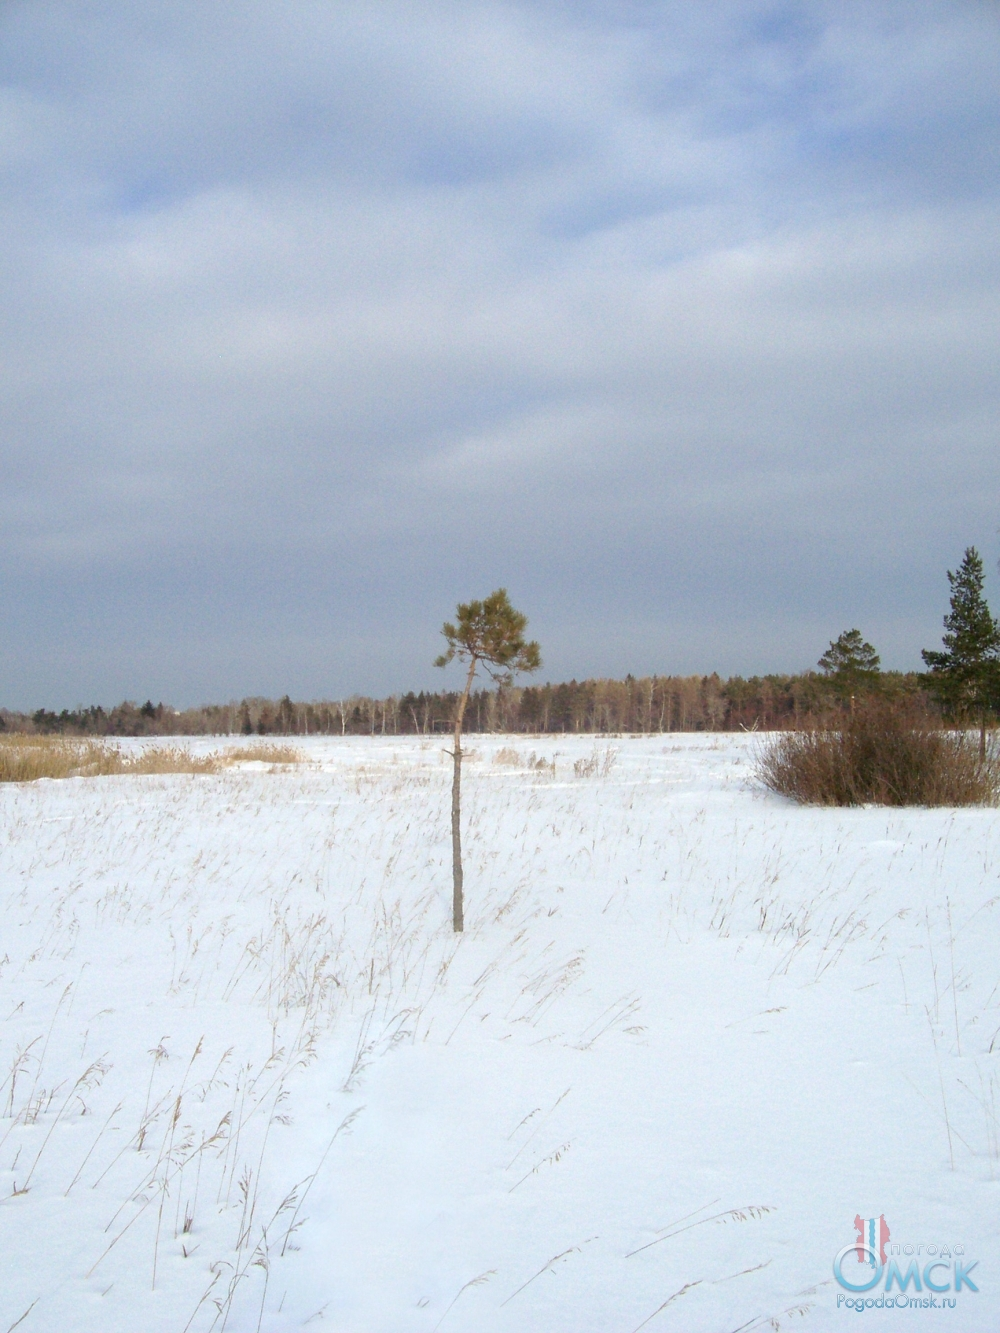 Маленькая сосна, занесенная снегом